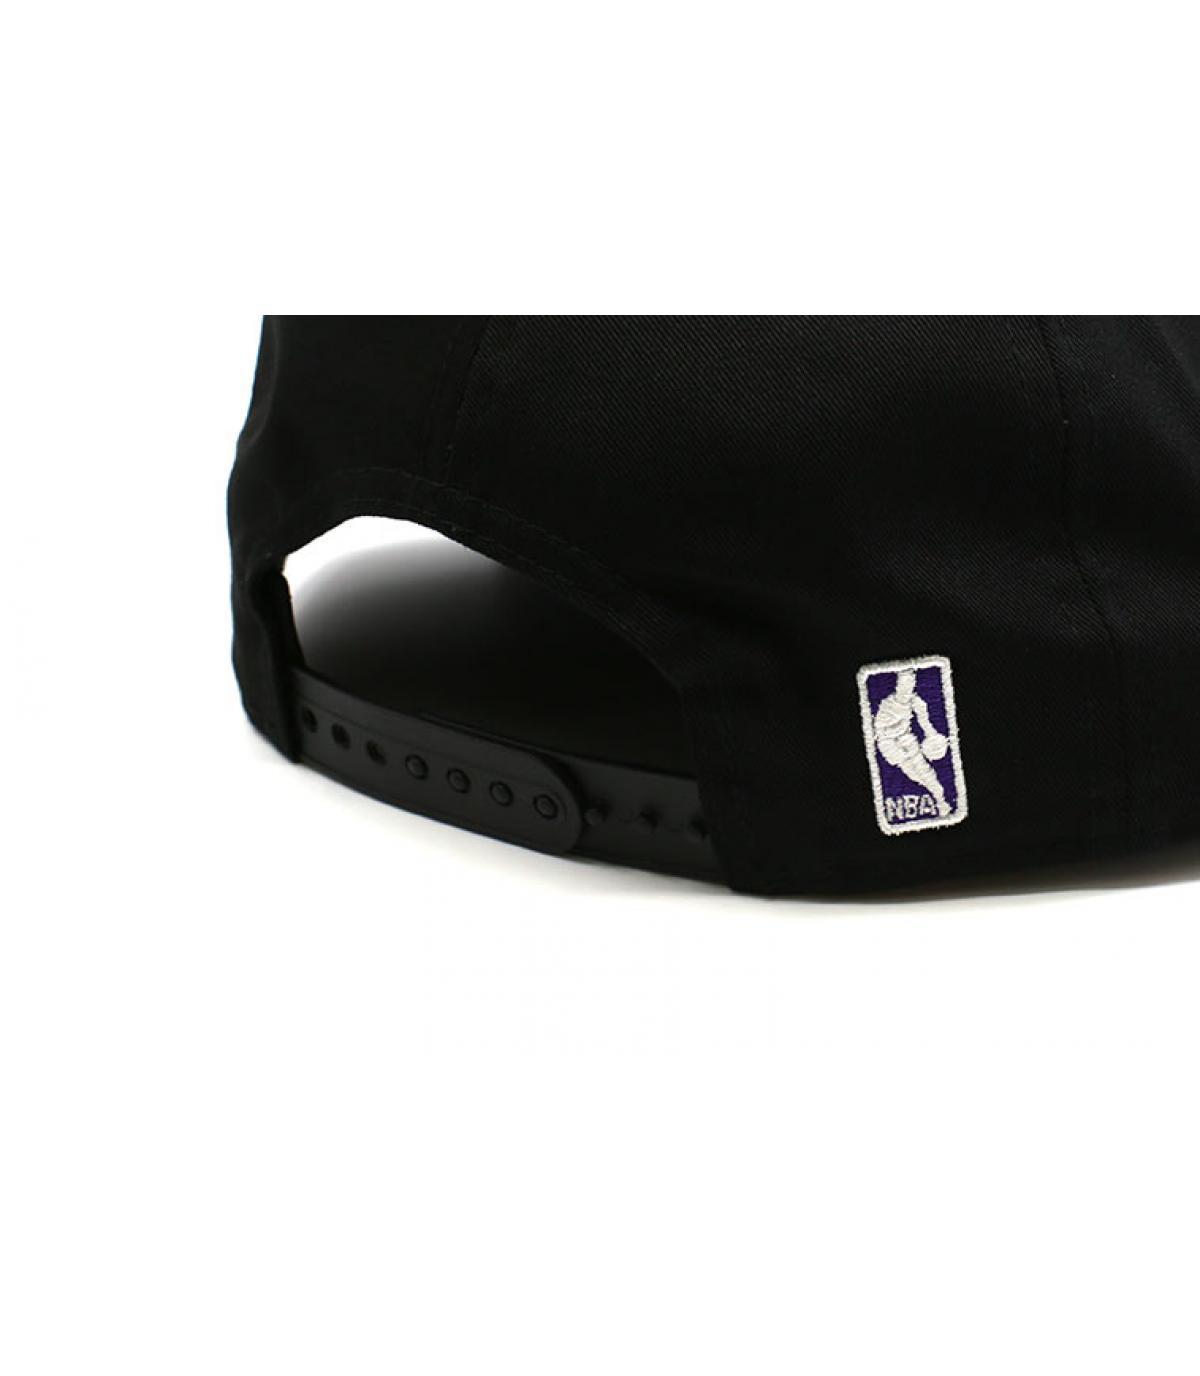 Détails Snapback NBA Lakers 950 - image 5